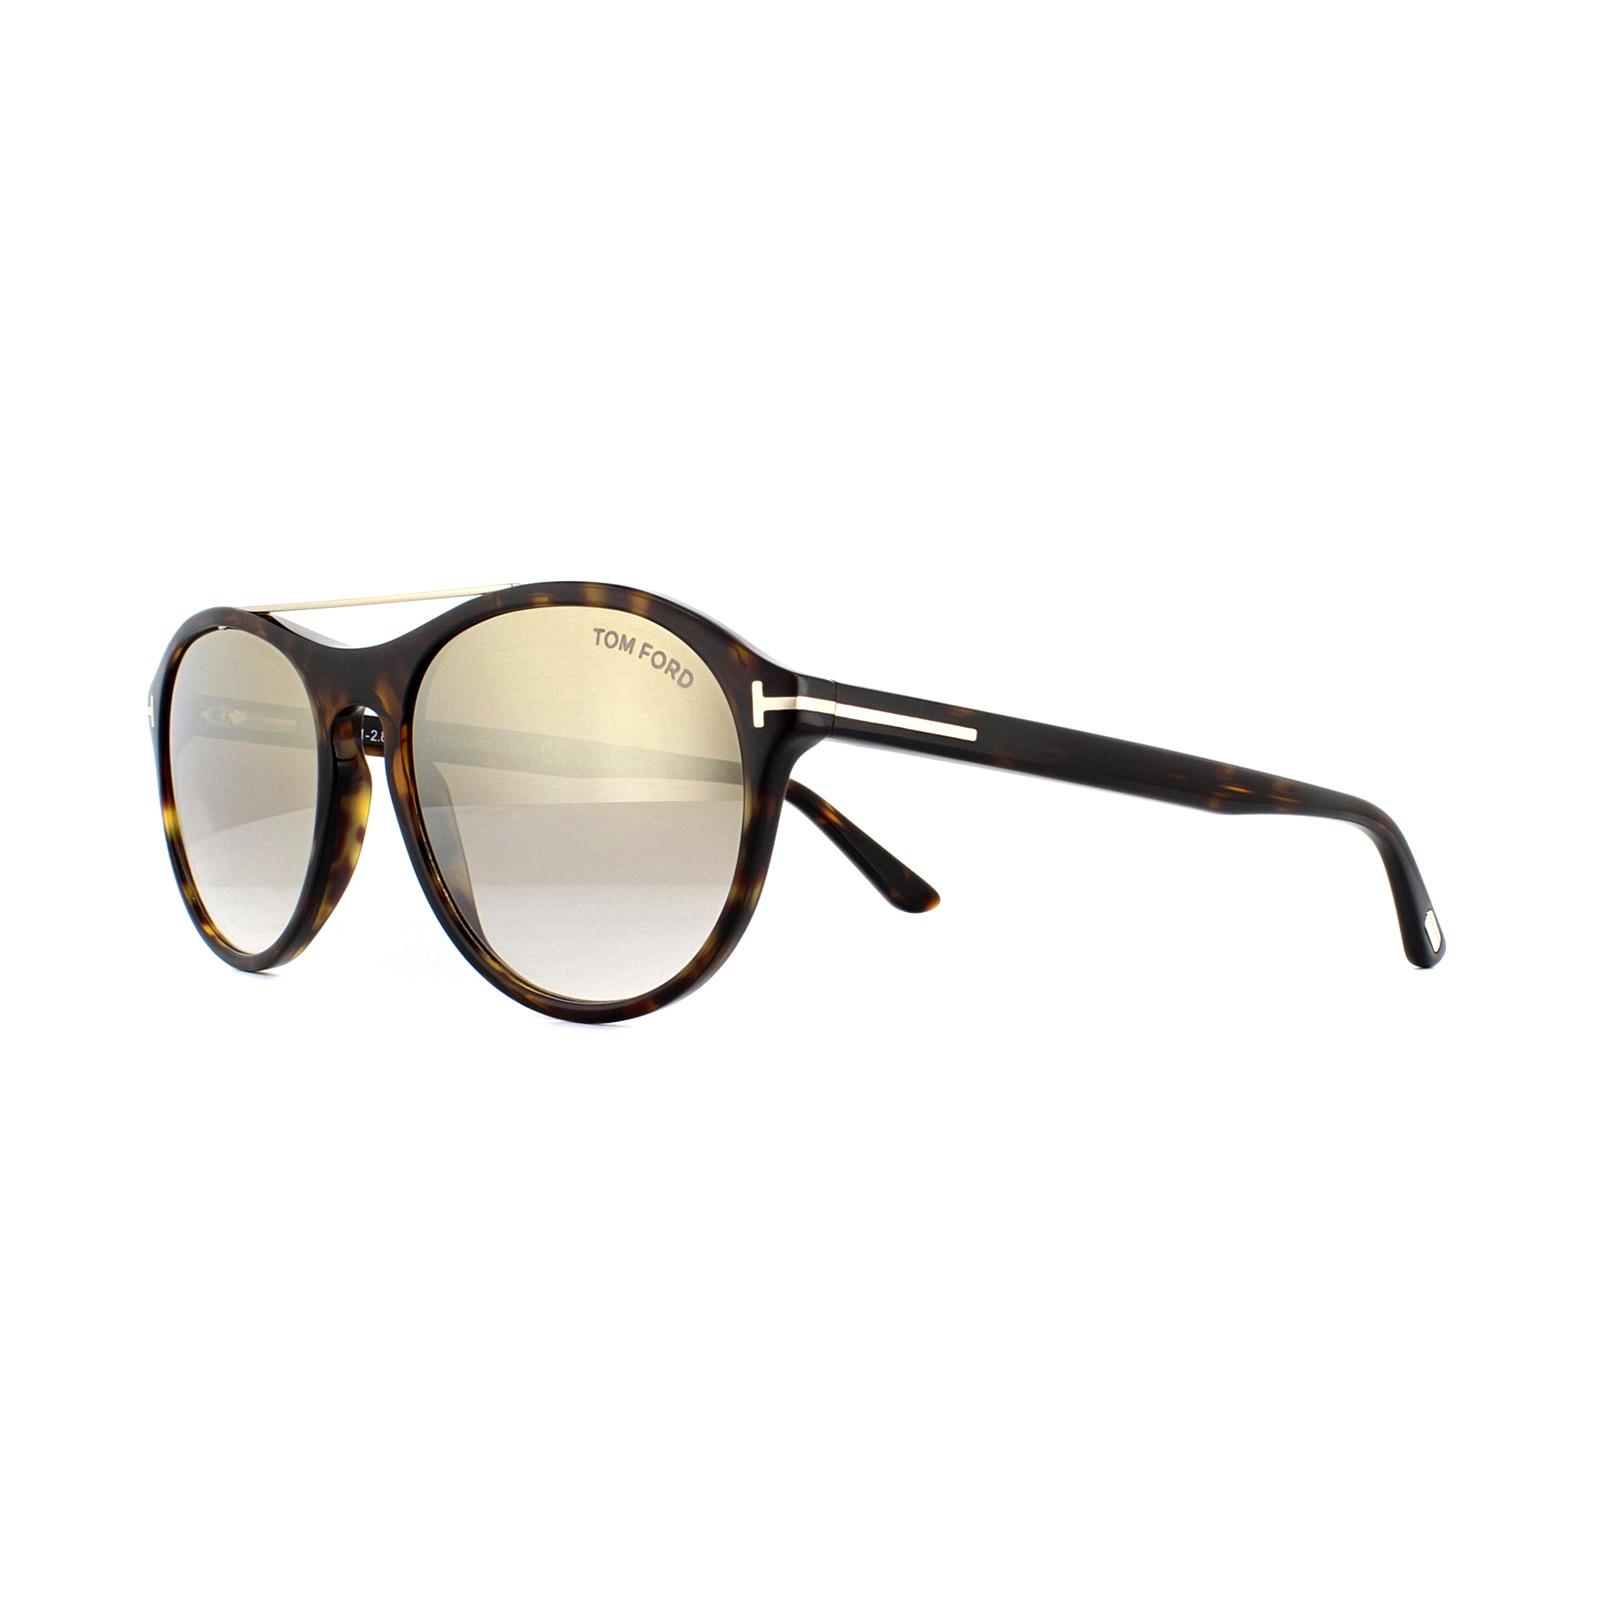 e63a635e2e Sentinel Tom Ford Sunglasses Cameron 0556 52G Dark Havana Brown Gradient w  Gold Mirror